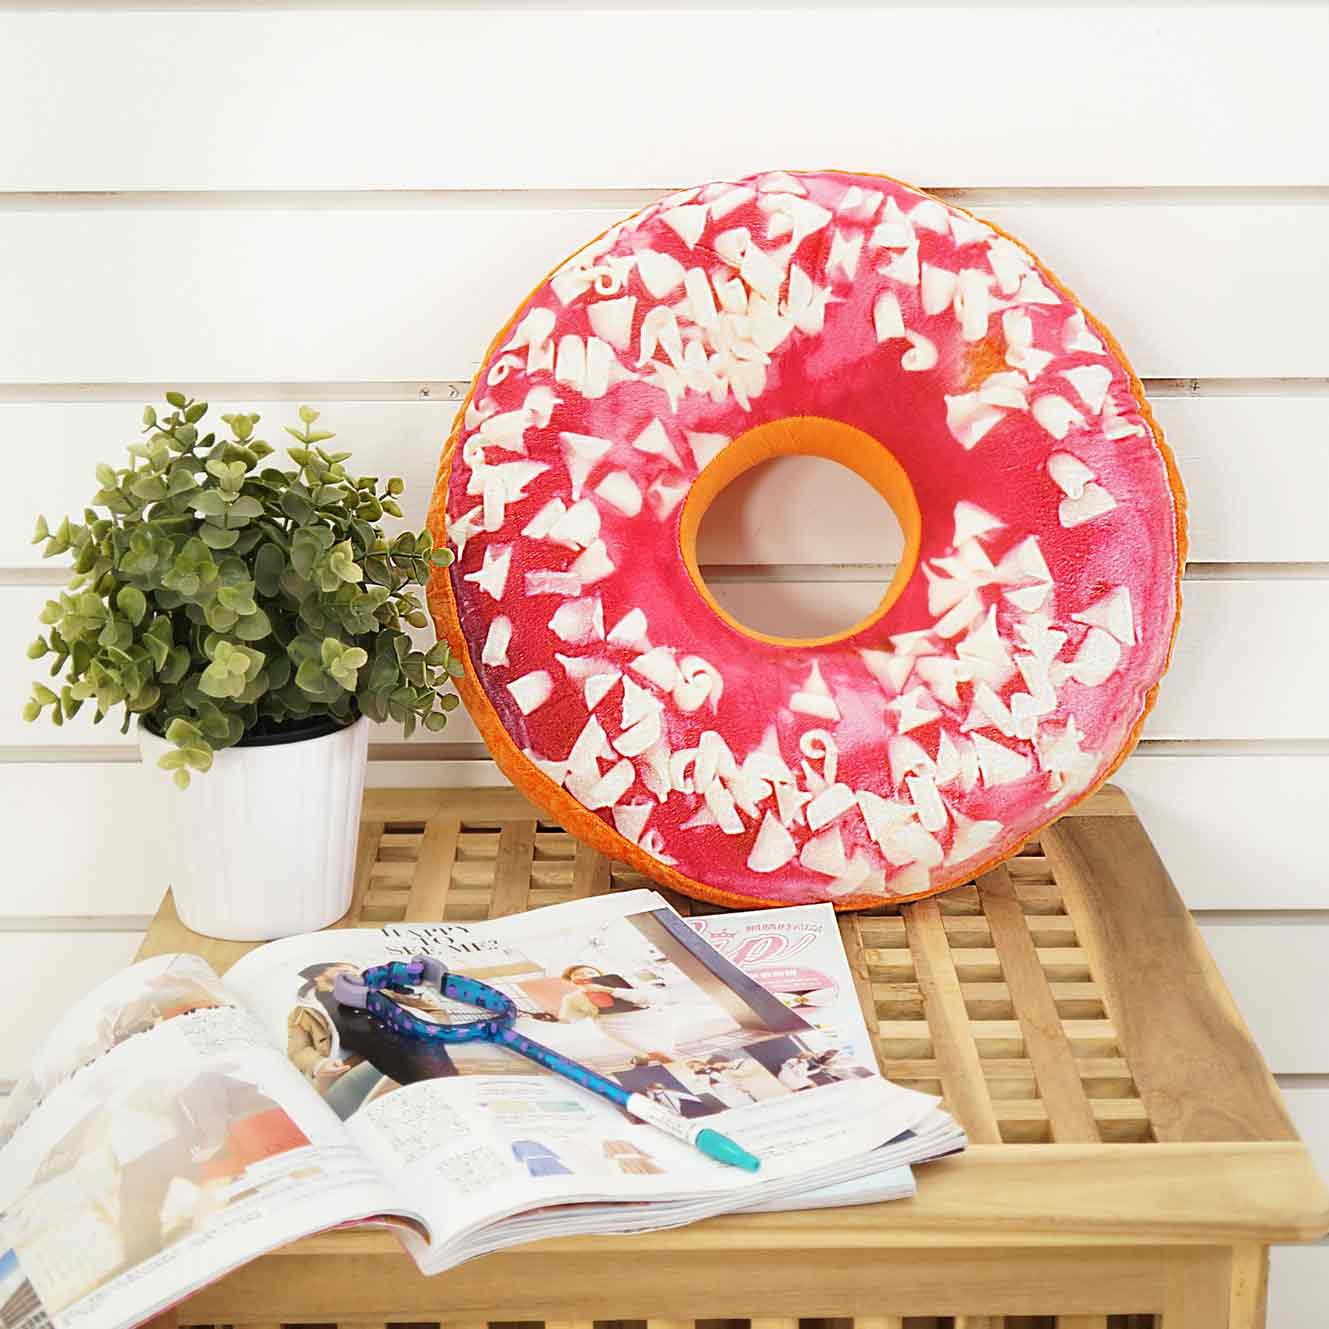 法蘭絨PP棉甜甜圈造型抱枕